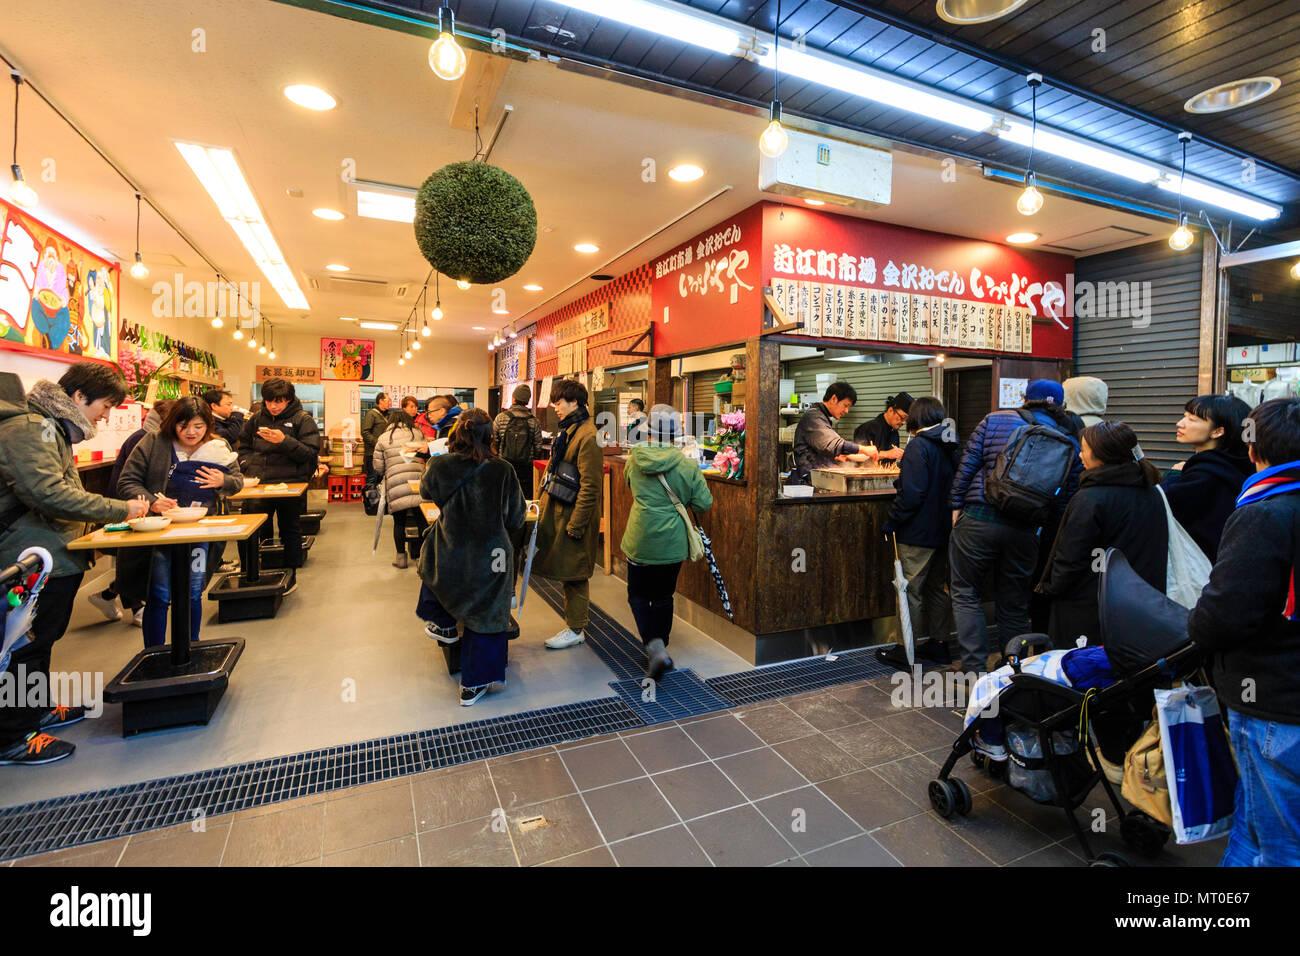 Indoor Food Market Covent Garden